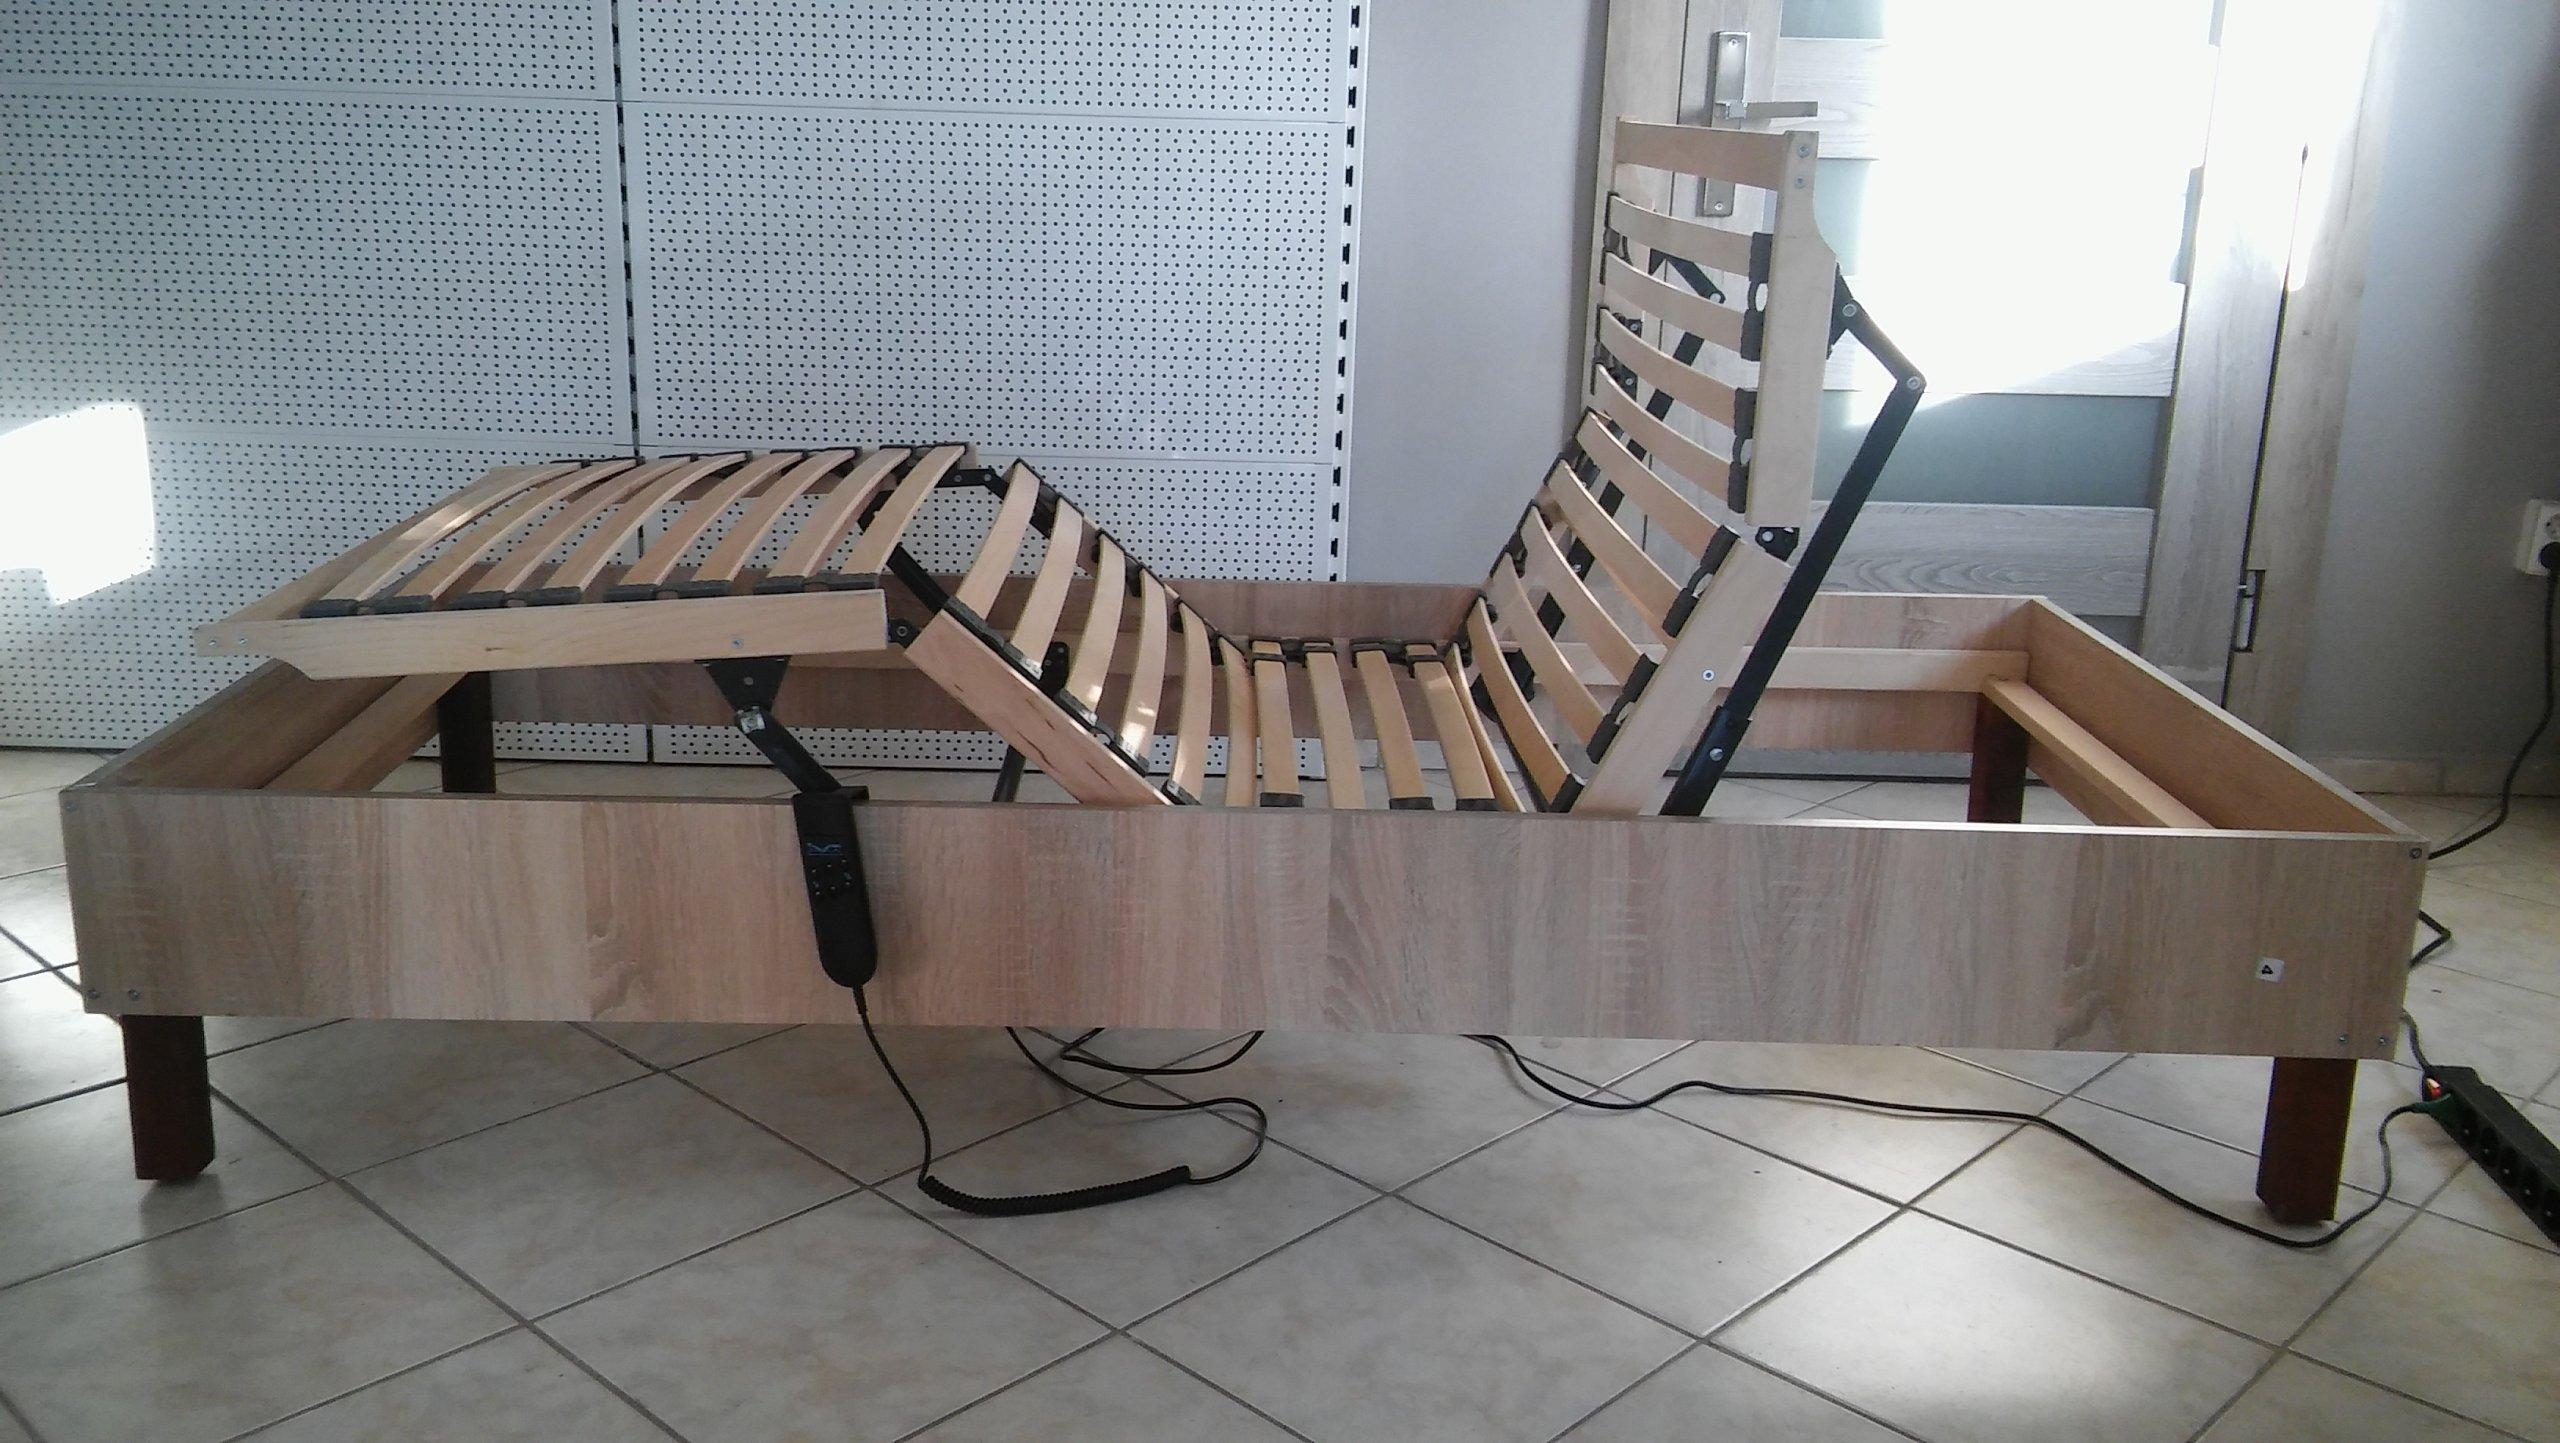 łóżko Rehabilitacyjne Jysk łóżko Z Pilotem 7302633454